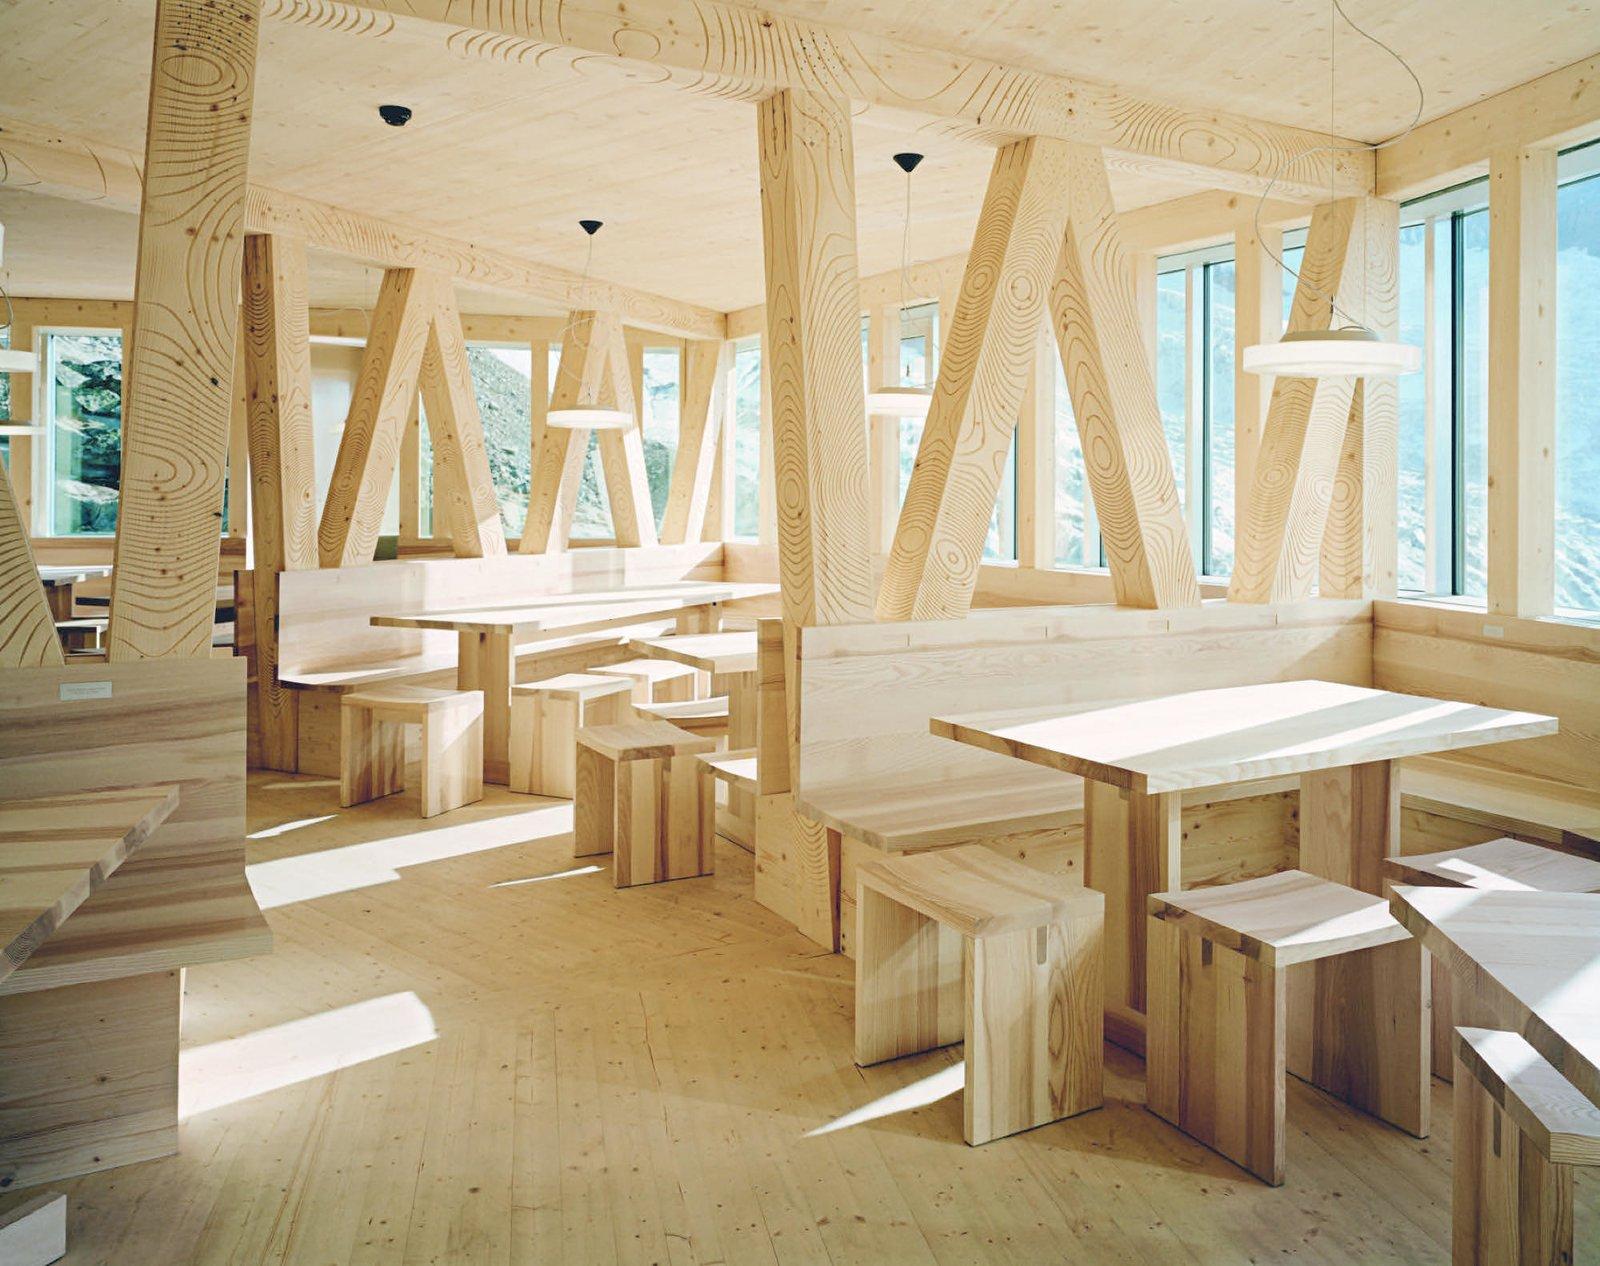 #alpinemodern #design #lifestyle #modern #elevatedliving #quiestdesign #monterosahut #swiss #alps #matterhorn #switzerland #zermatt